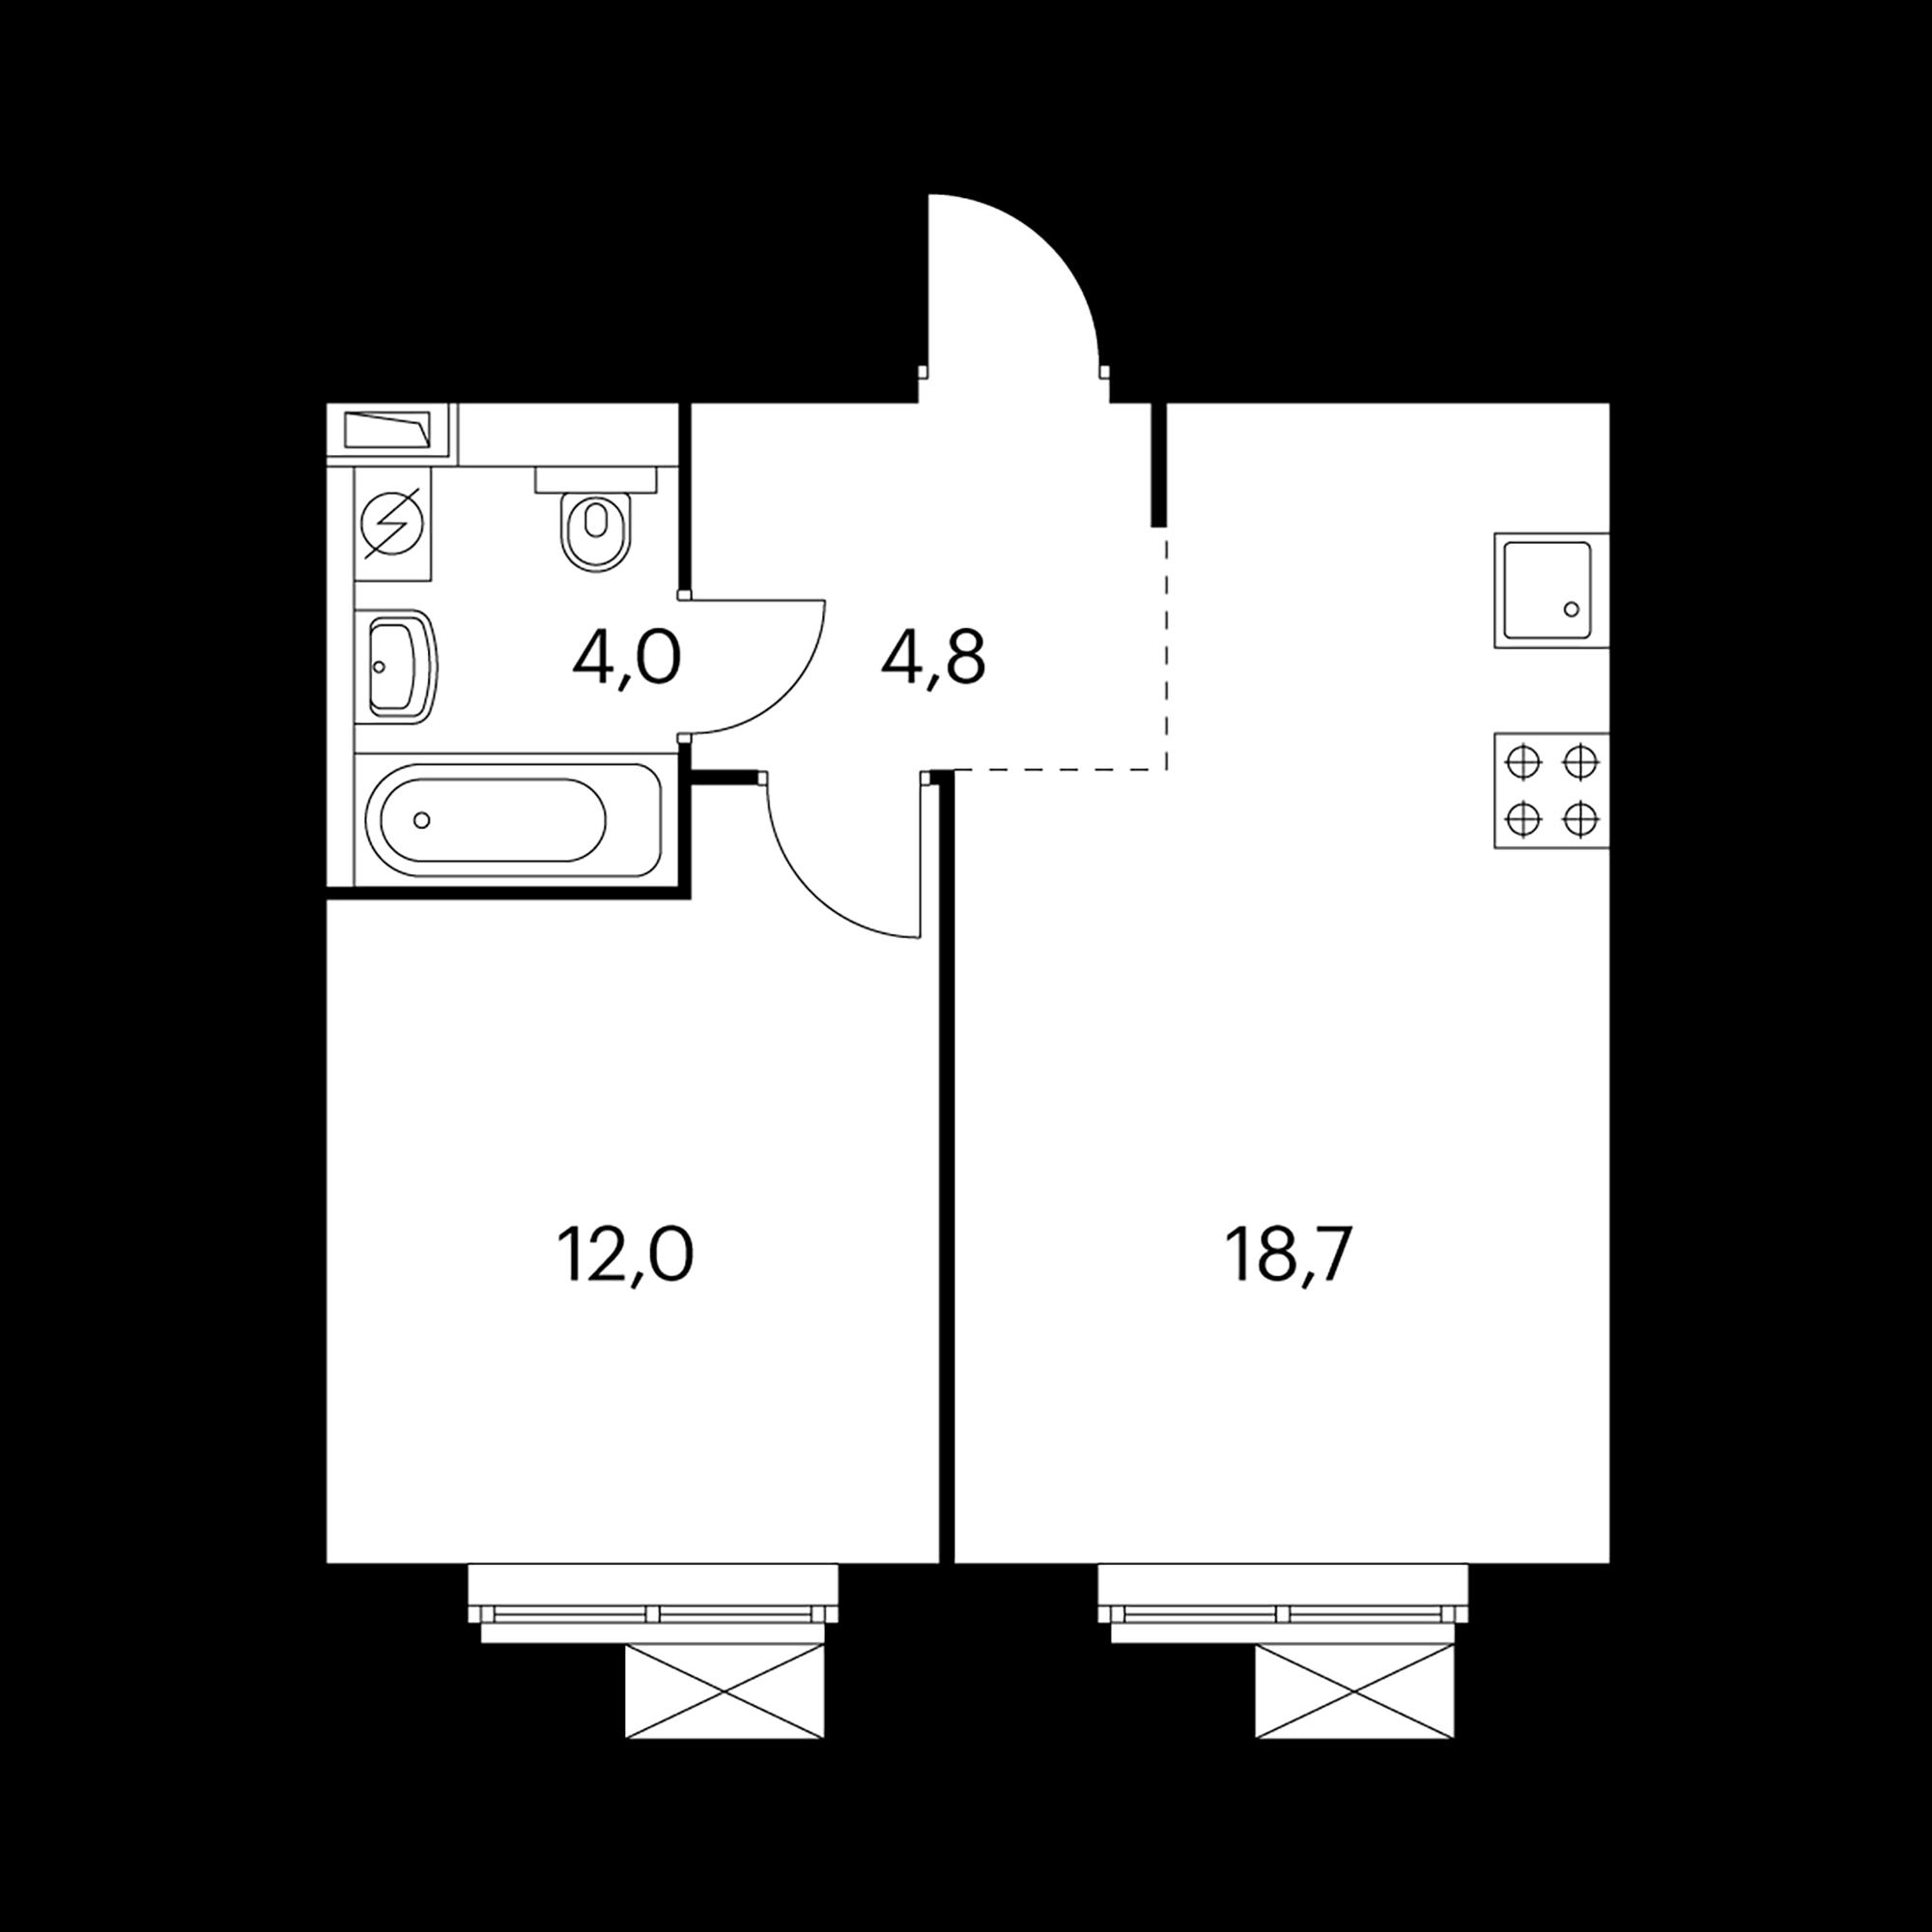 1EM4_6.9-1_S_A1